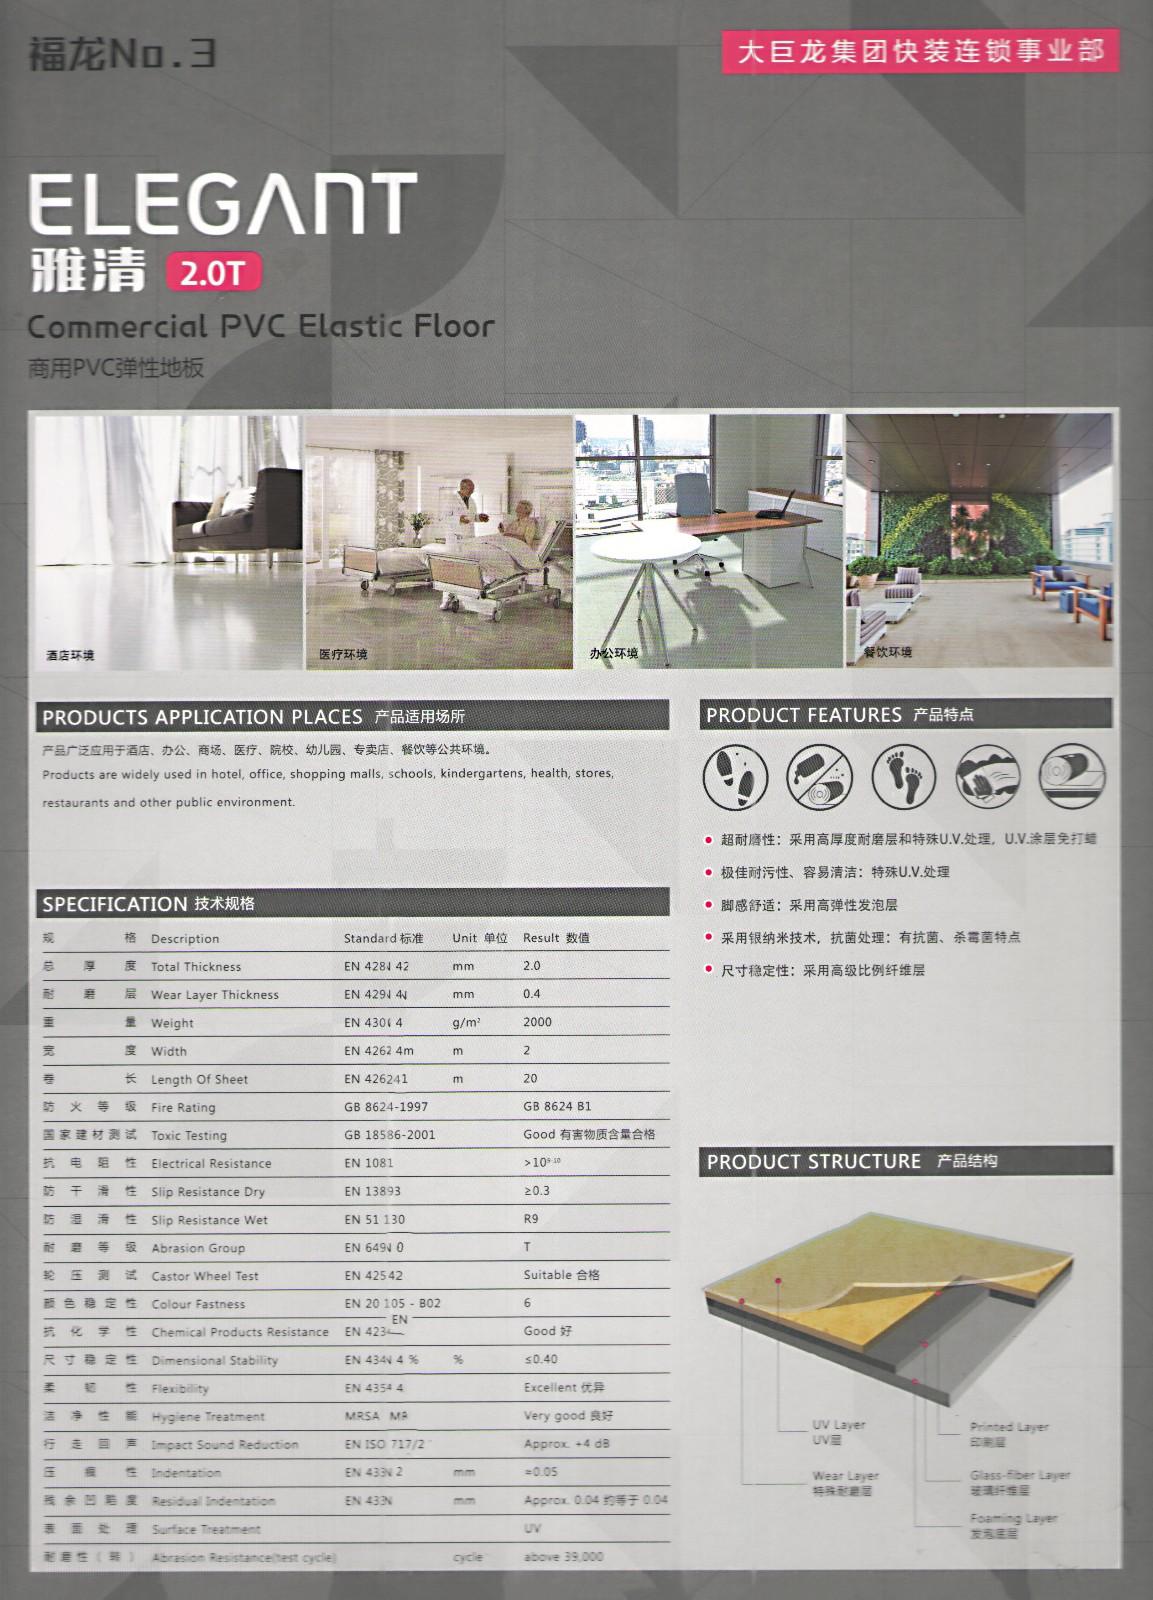 福龙NO.3雅清PVC地板|福龙系列-陕西棋牌挣钱建材有限责任公司